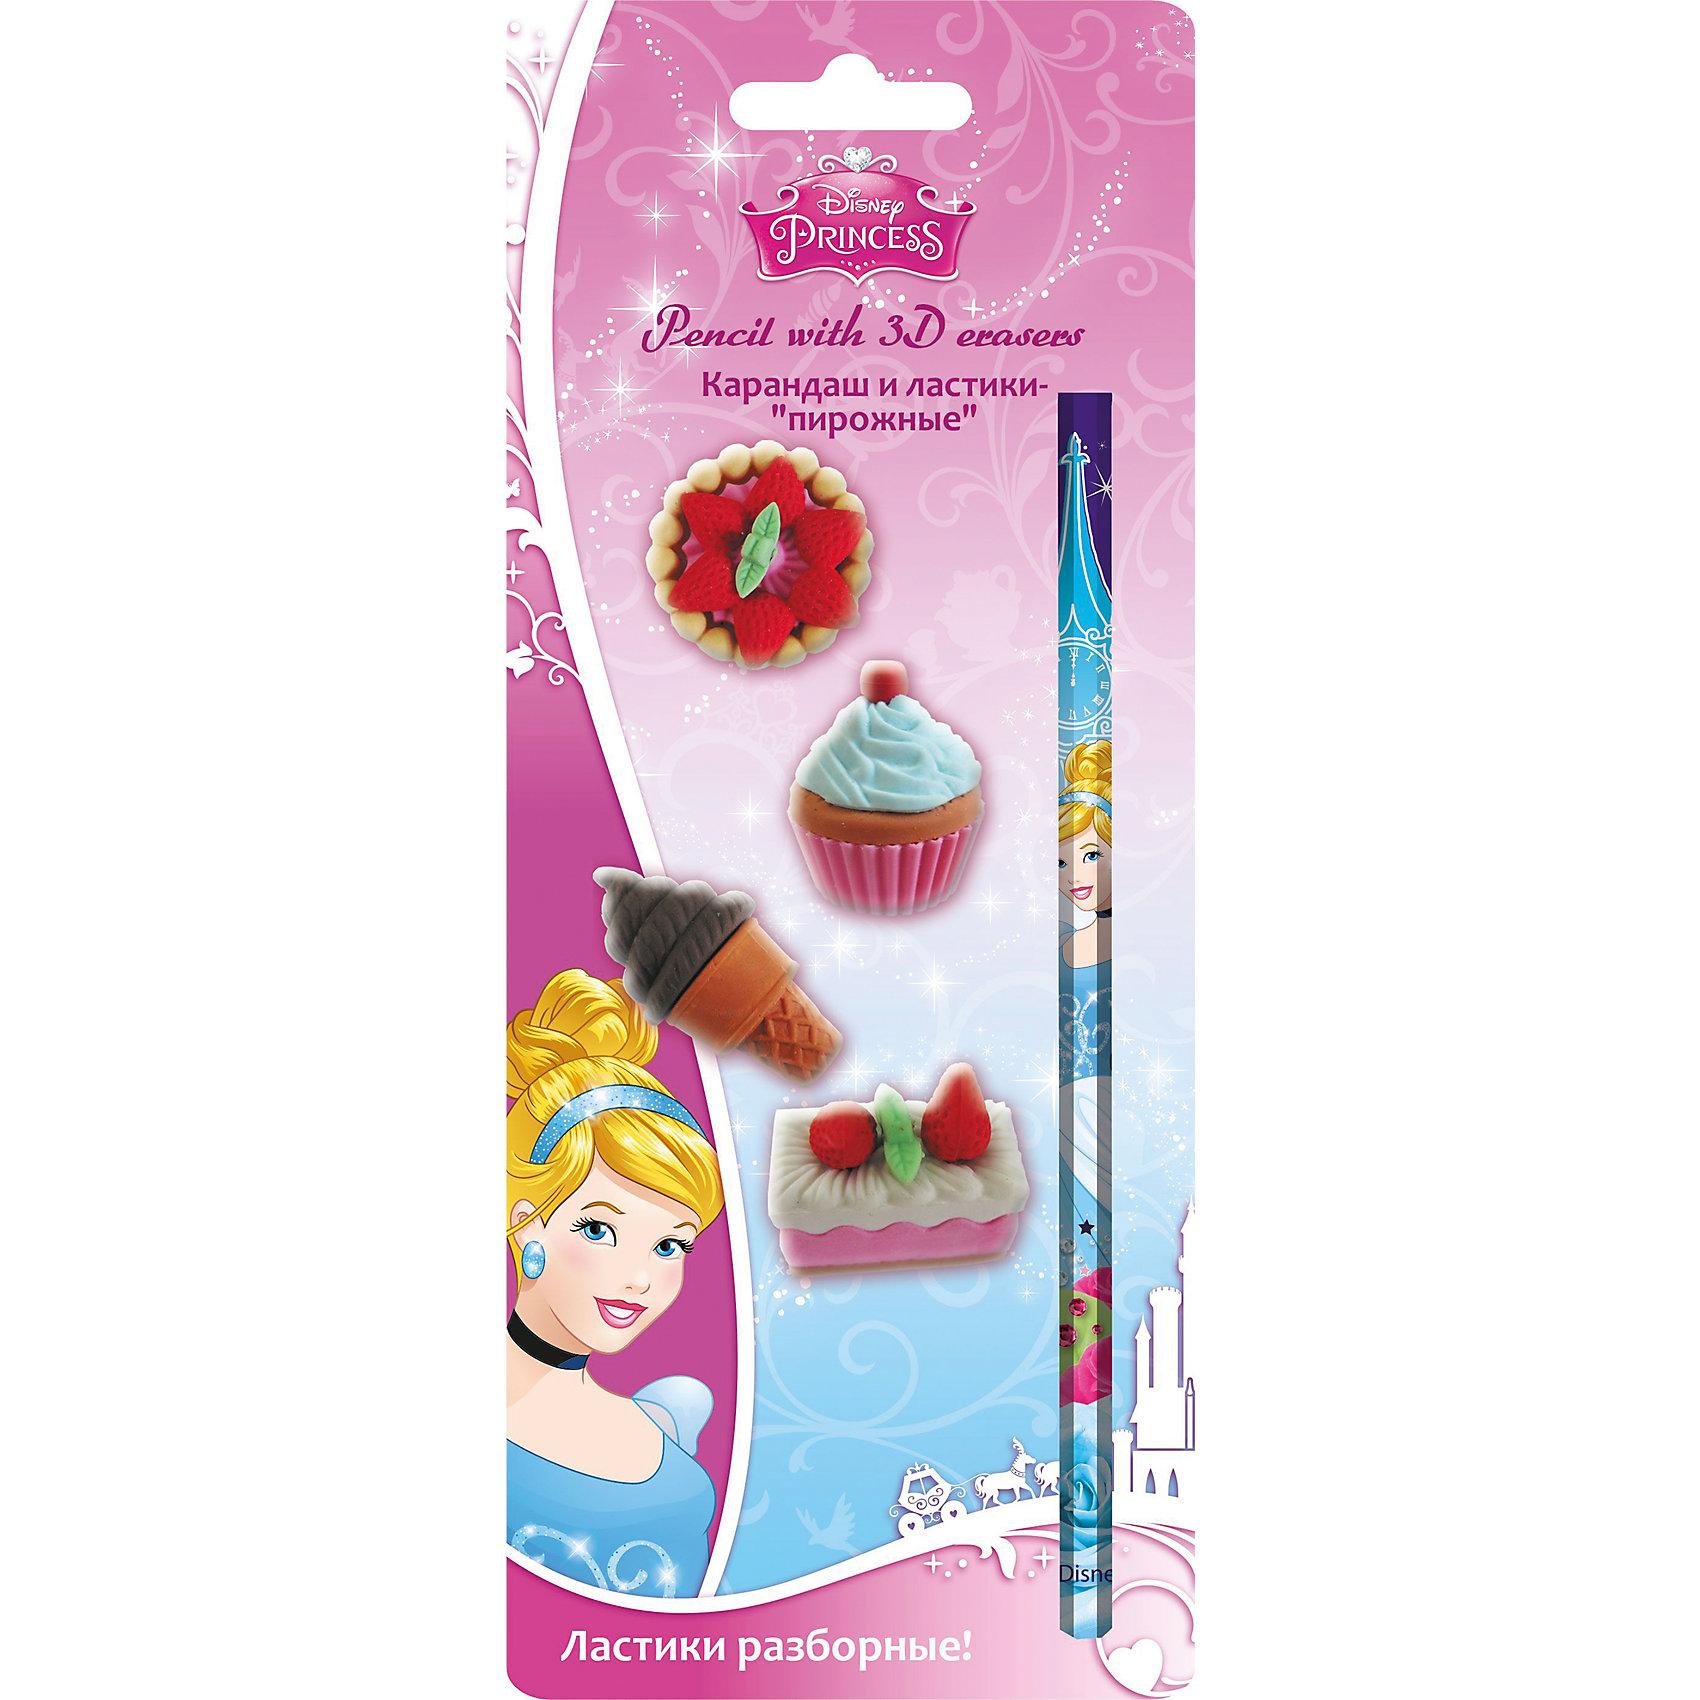 Академия групп Канцелярский набор Принцессы Дисней (5 предметов) академия групп пенал в форме карандаша принцессы дисней